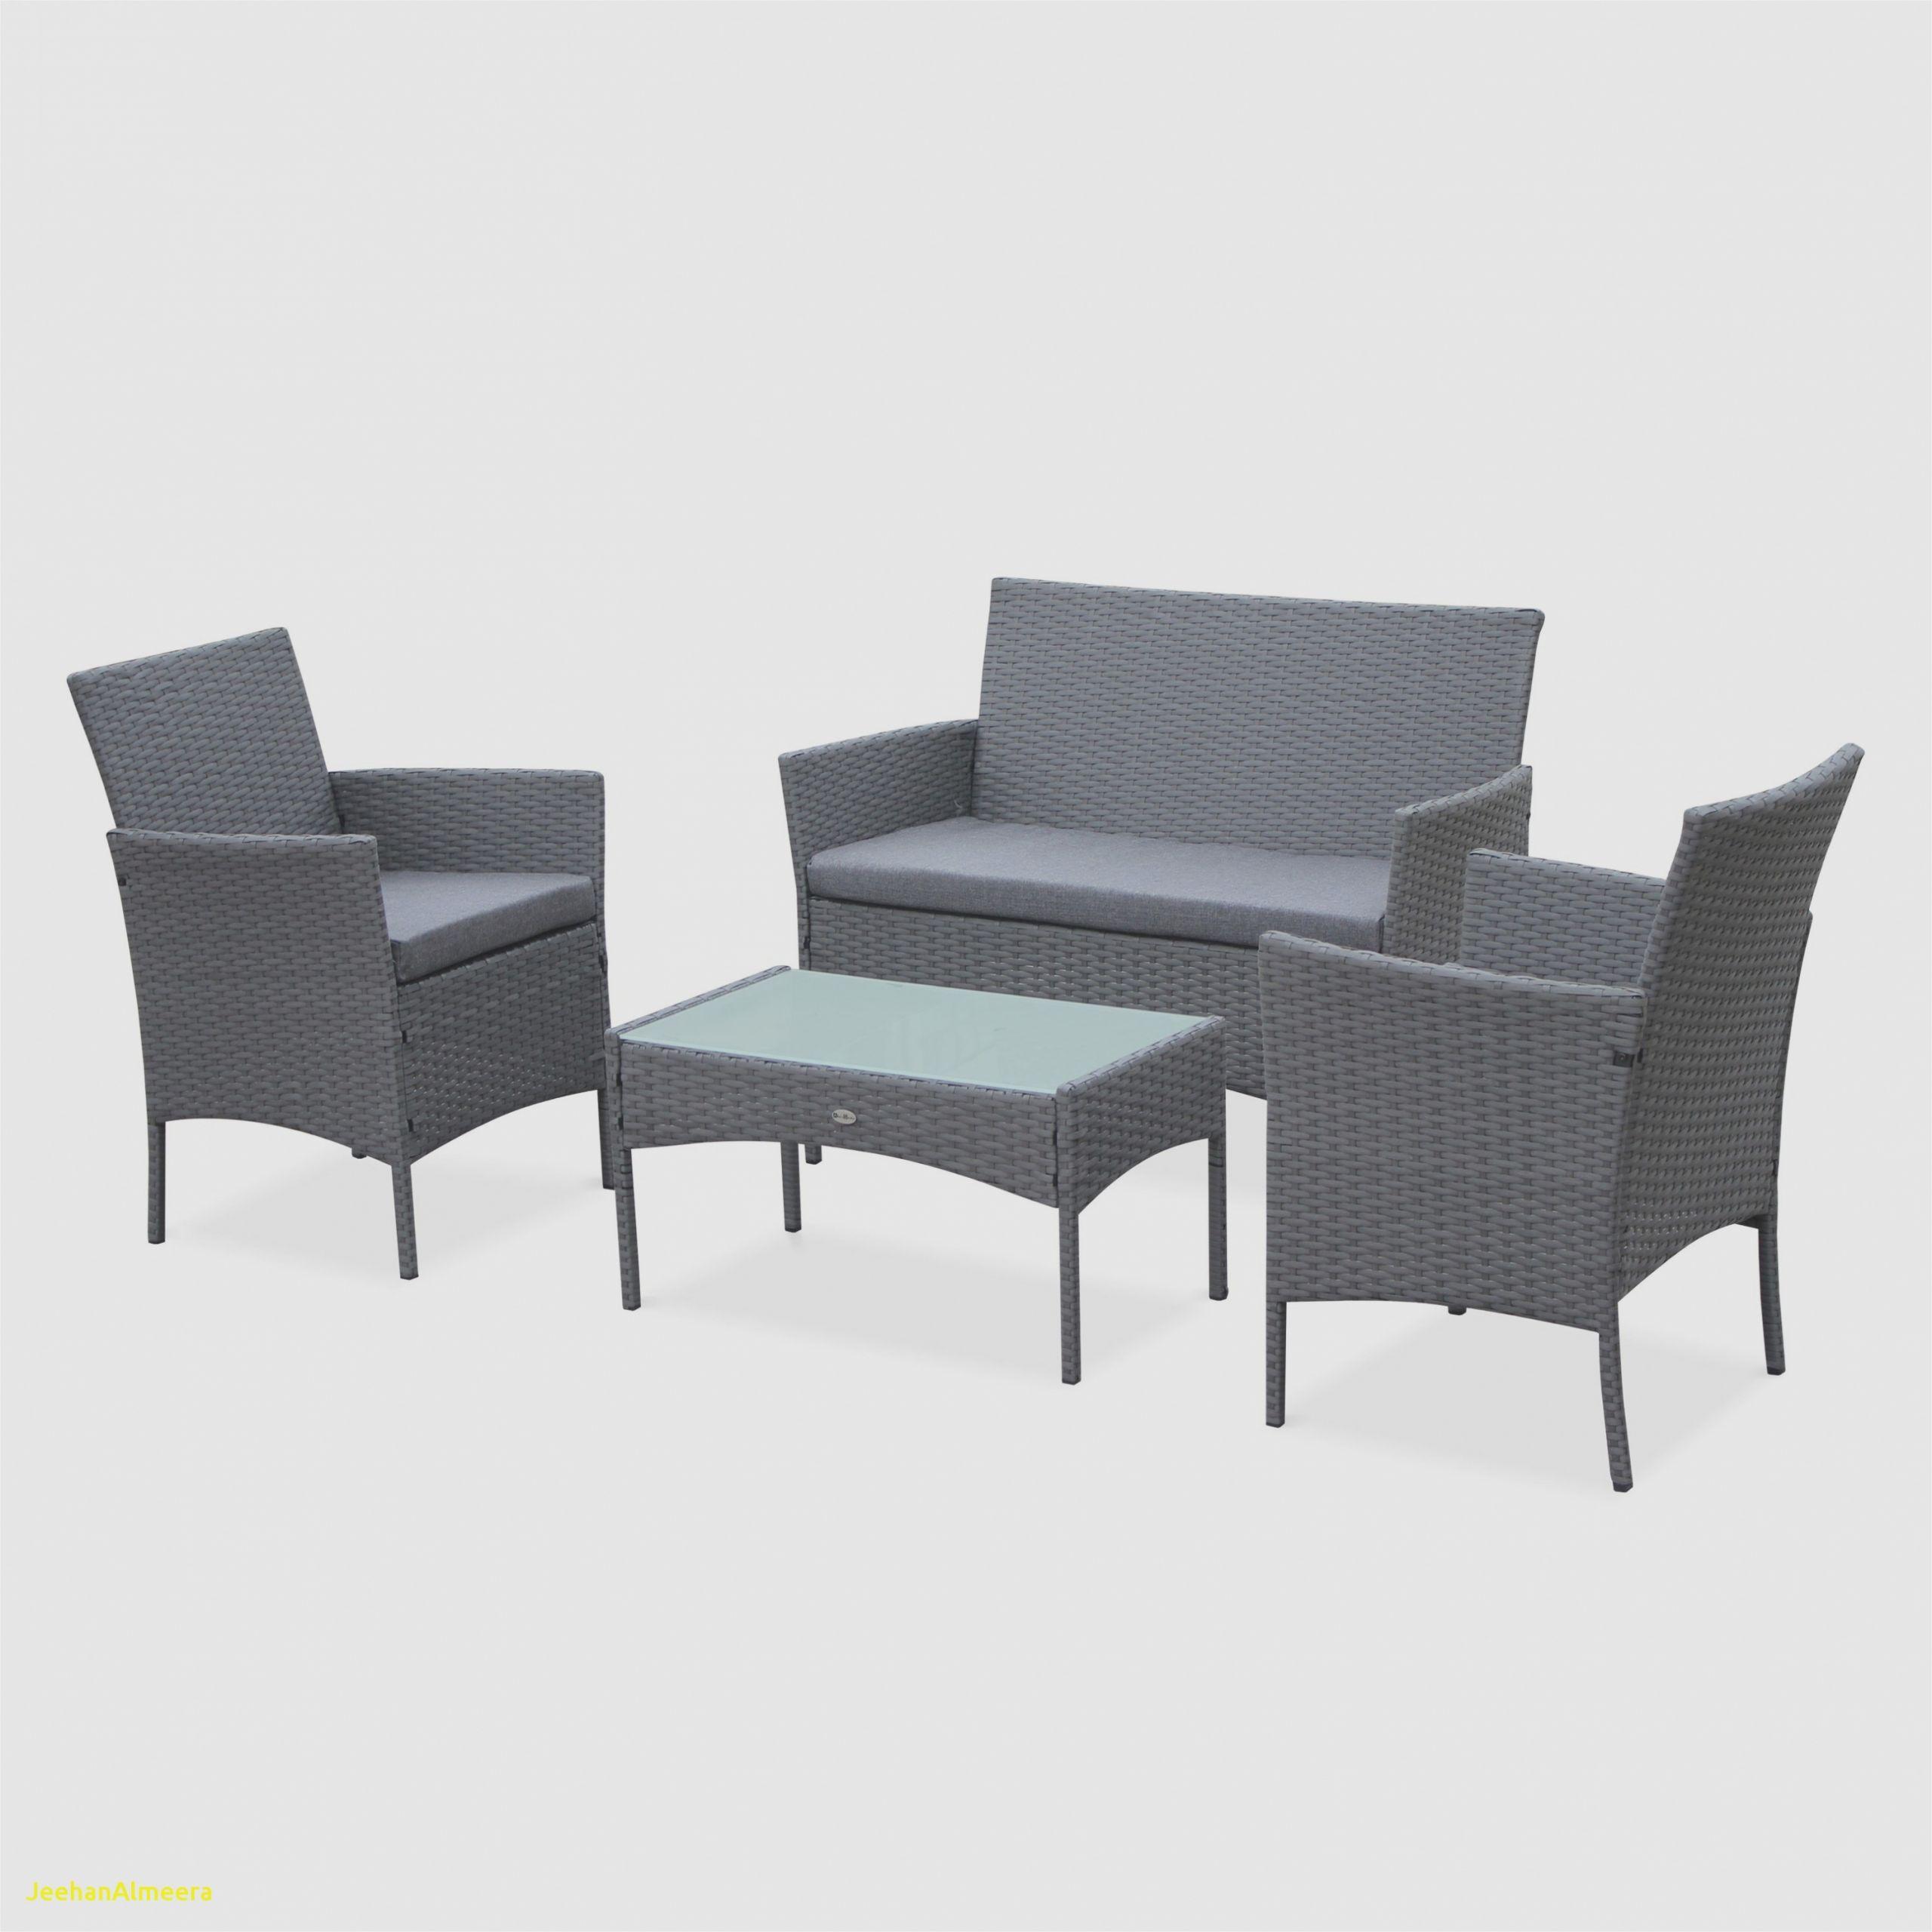 chaise de jardin bois best of sove salon de jardin en bois sovedis aquatabs de chaise de jardin bois scaled